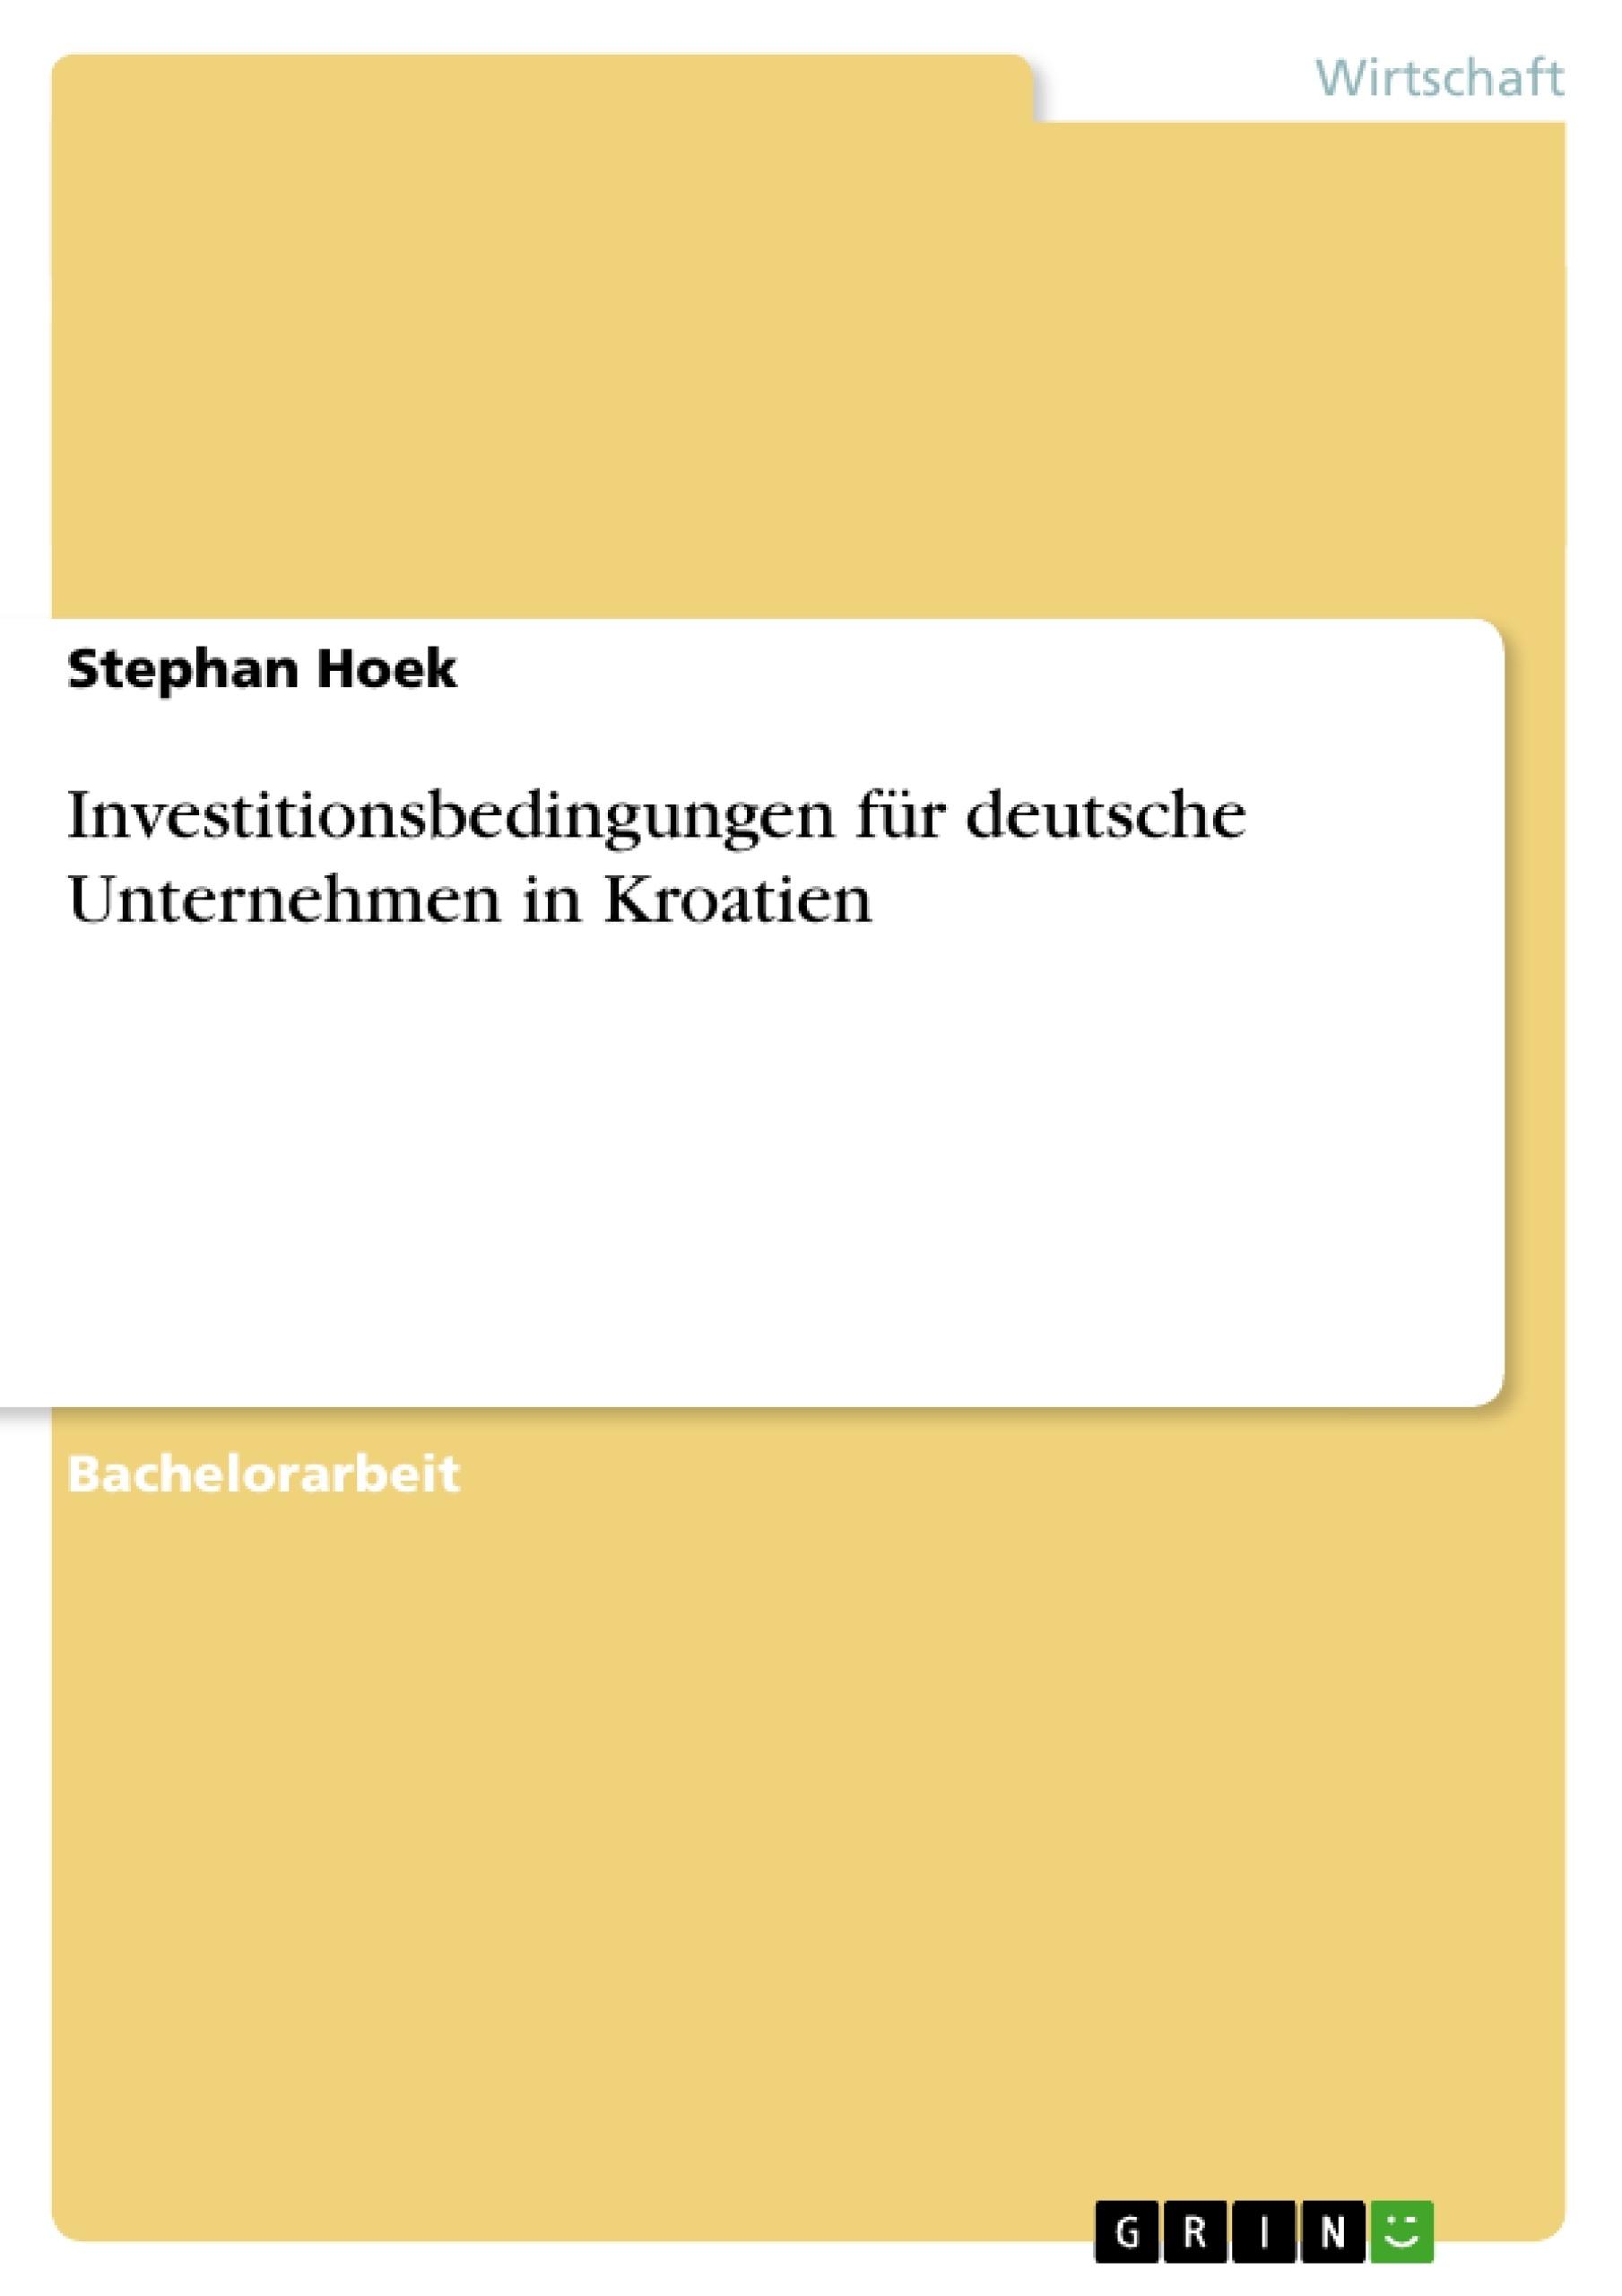 Titel: Investitionsbedingungen für deutsche Unternehmen in Kroatien